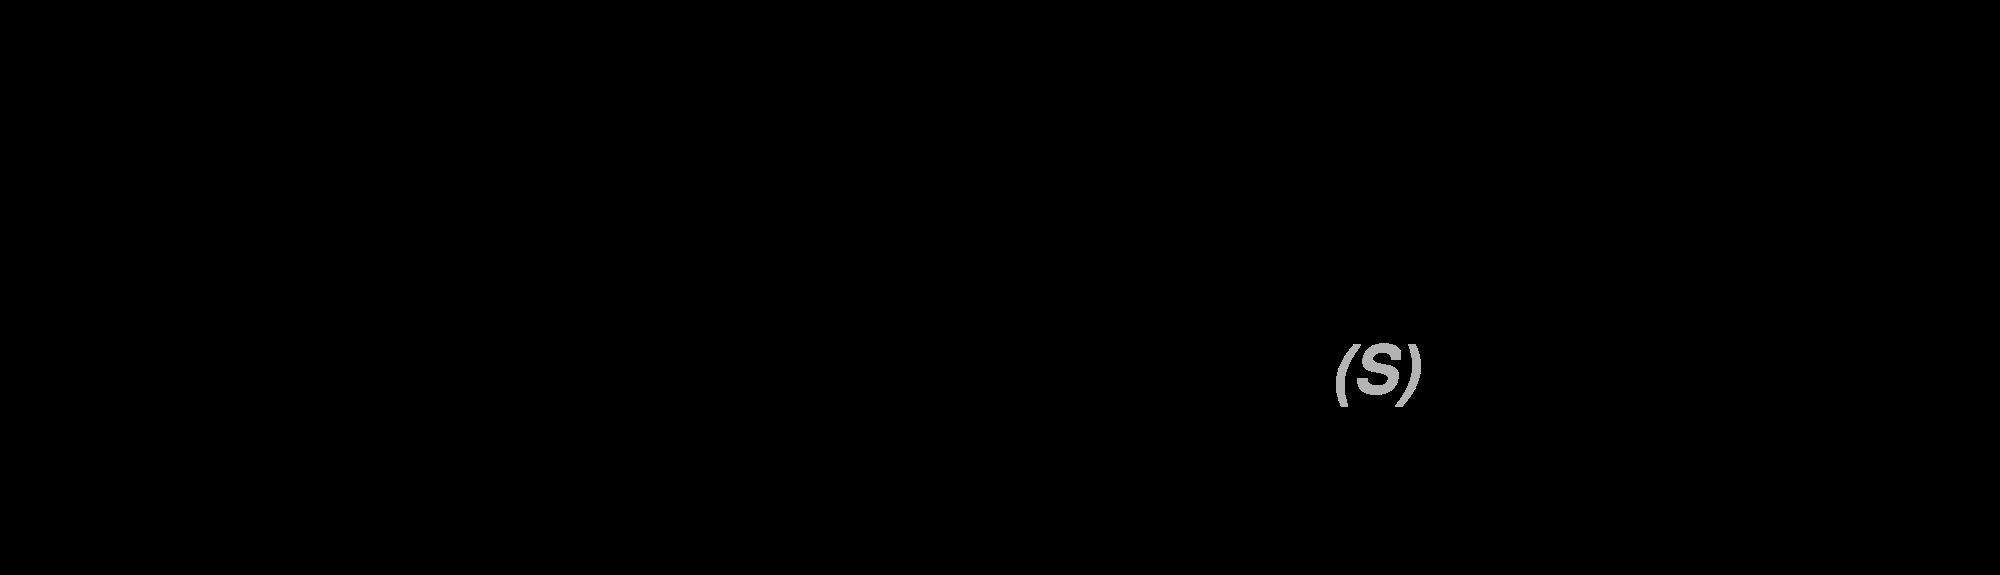 metoprolol magas vérnyomás esetén